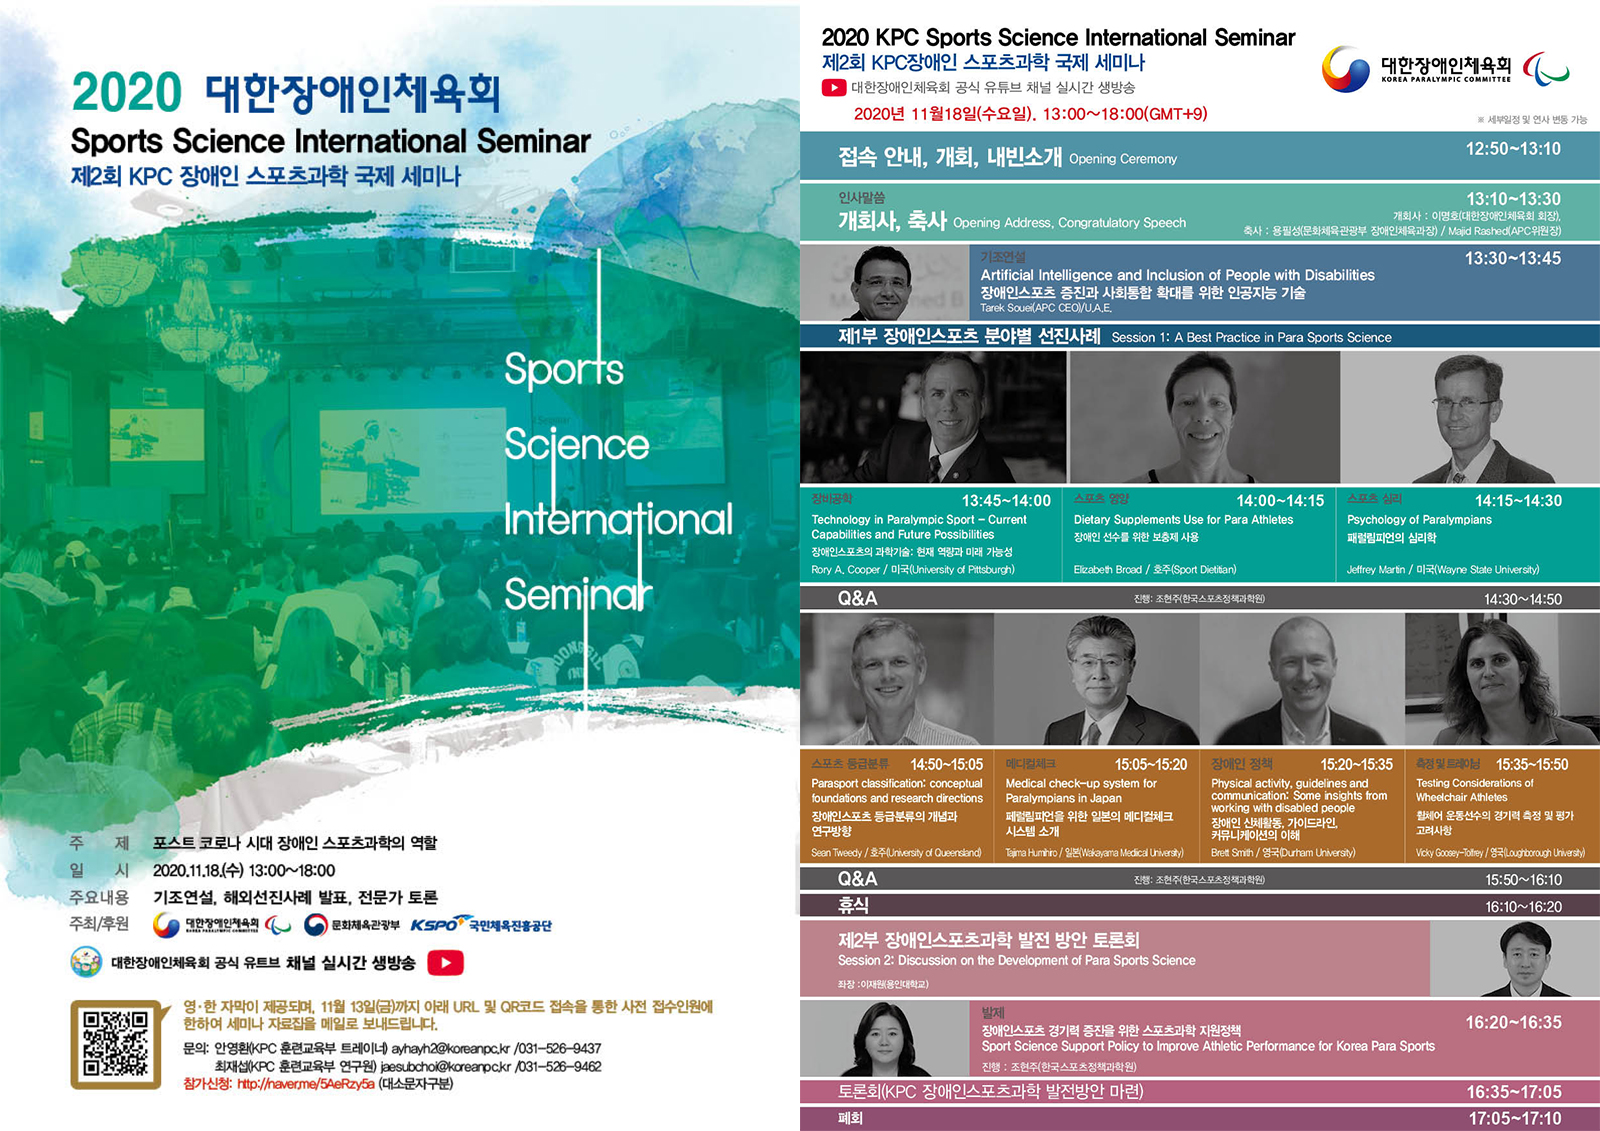 제2회 KPC 장애인 스포츠과학 국제세미나 참가신청 포스터